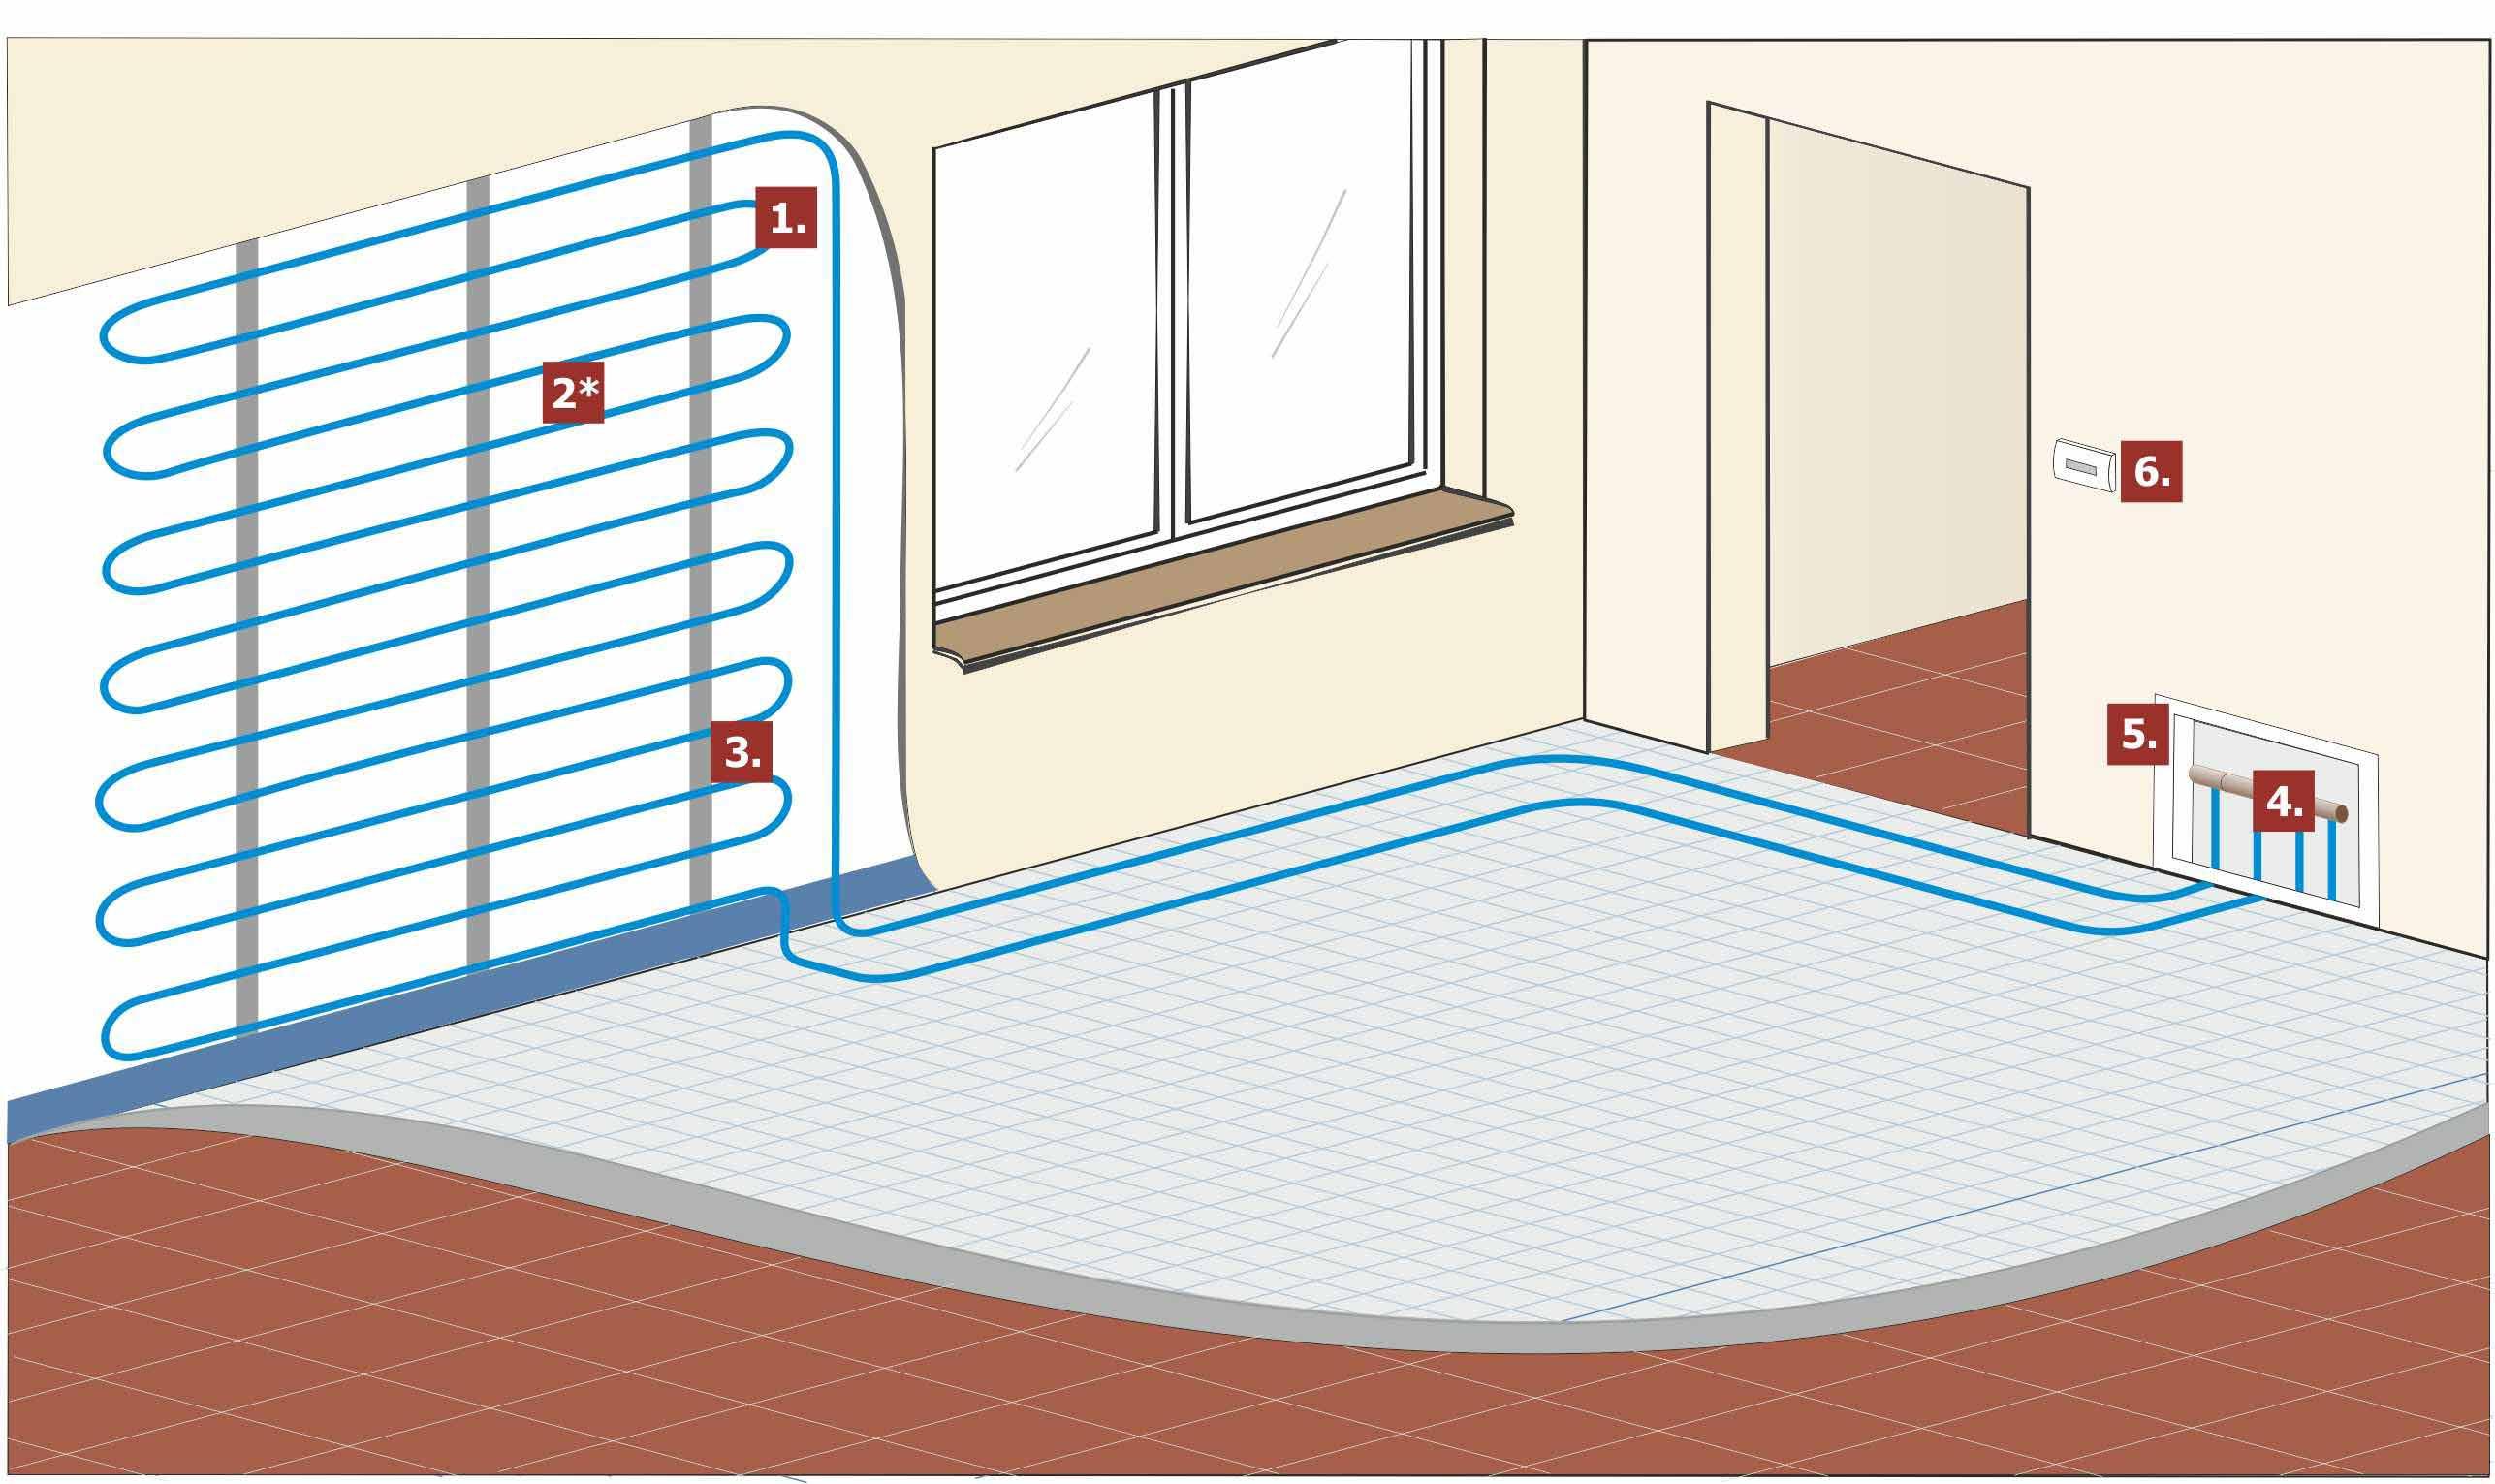 Теплый водяной пол и стены: правила монтажа, достоинства и недостатки